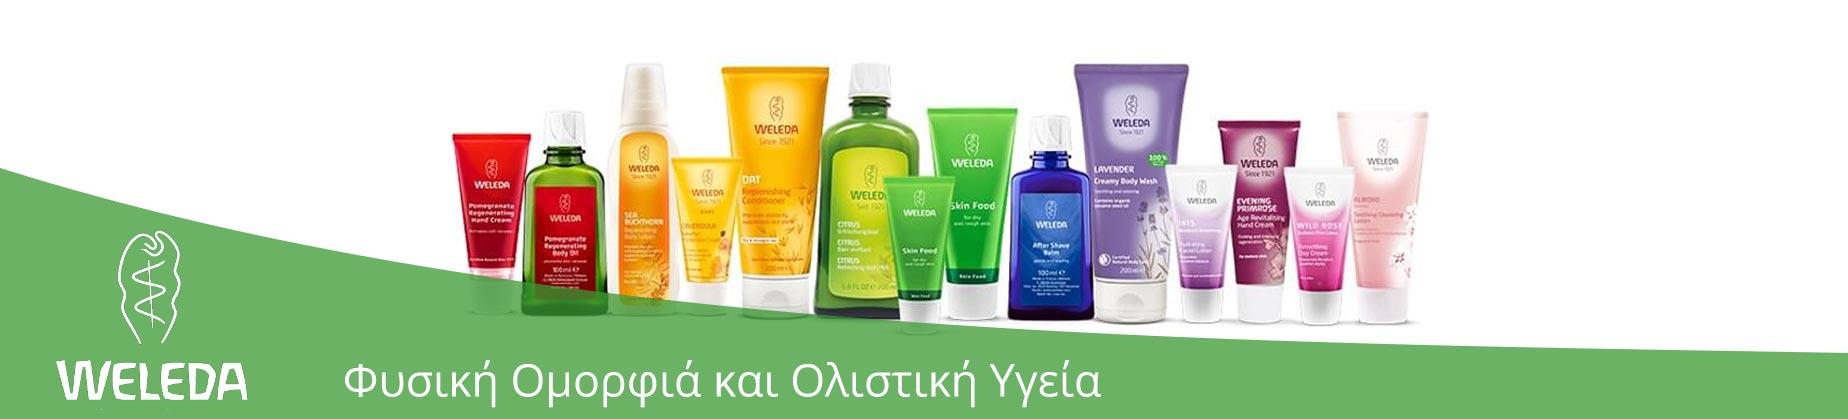 Weleda | Φυσική Ομορφιά & Ολιστική Υγεία